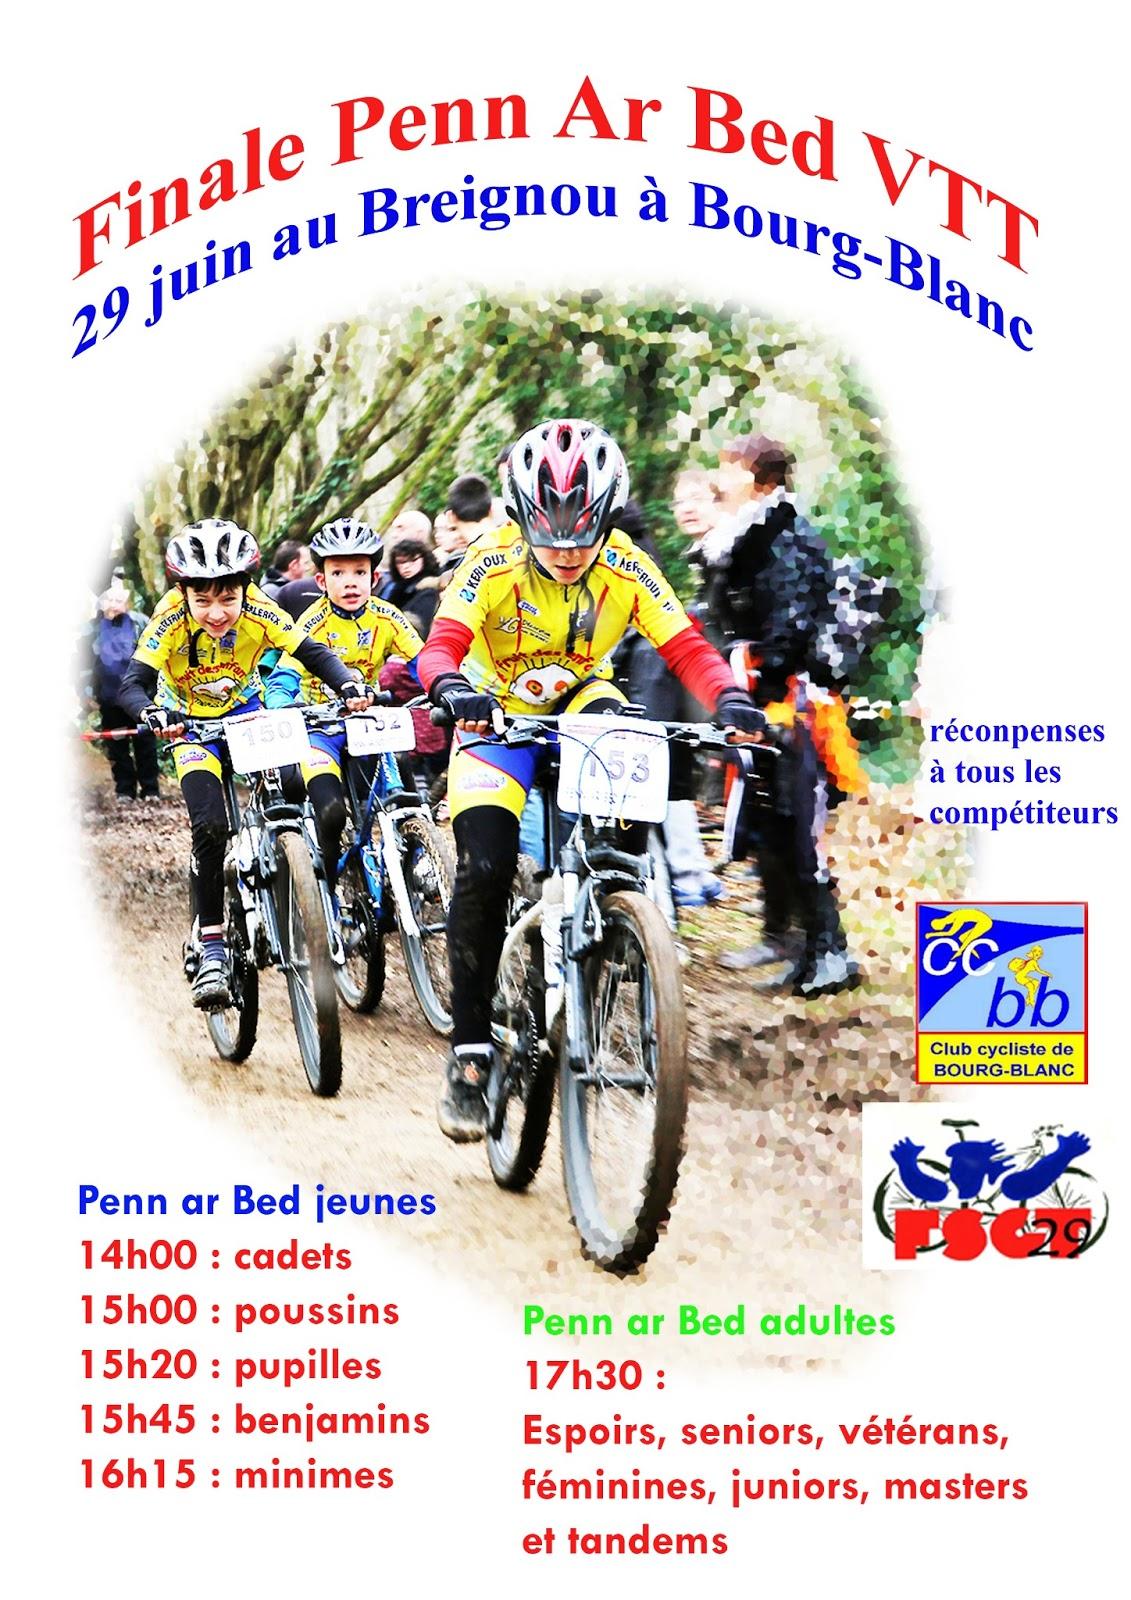 Finale PAB Bourg Blanc le 29 juin affiche+VTT+29+juin+2013+CCBB